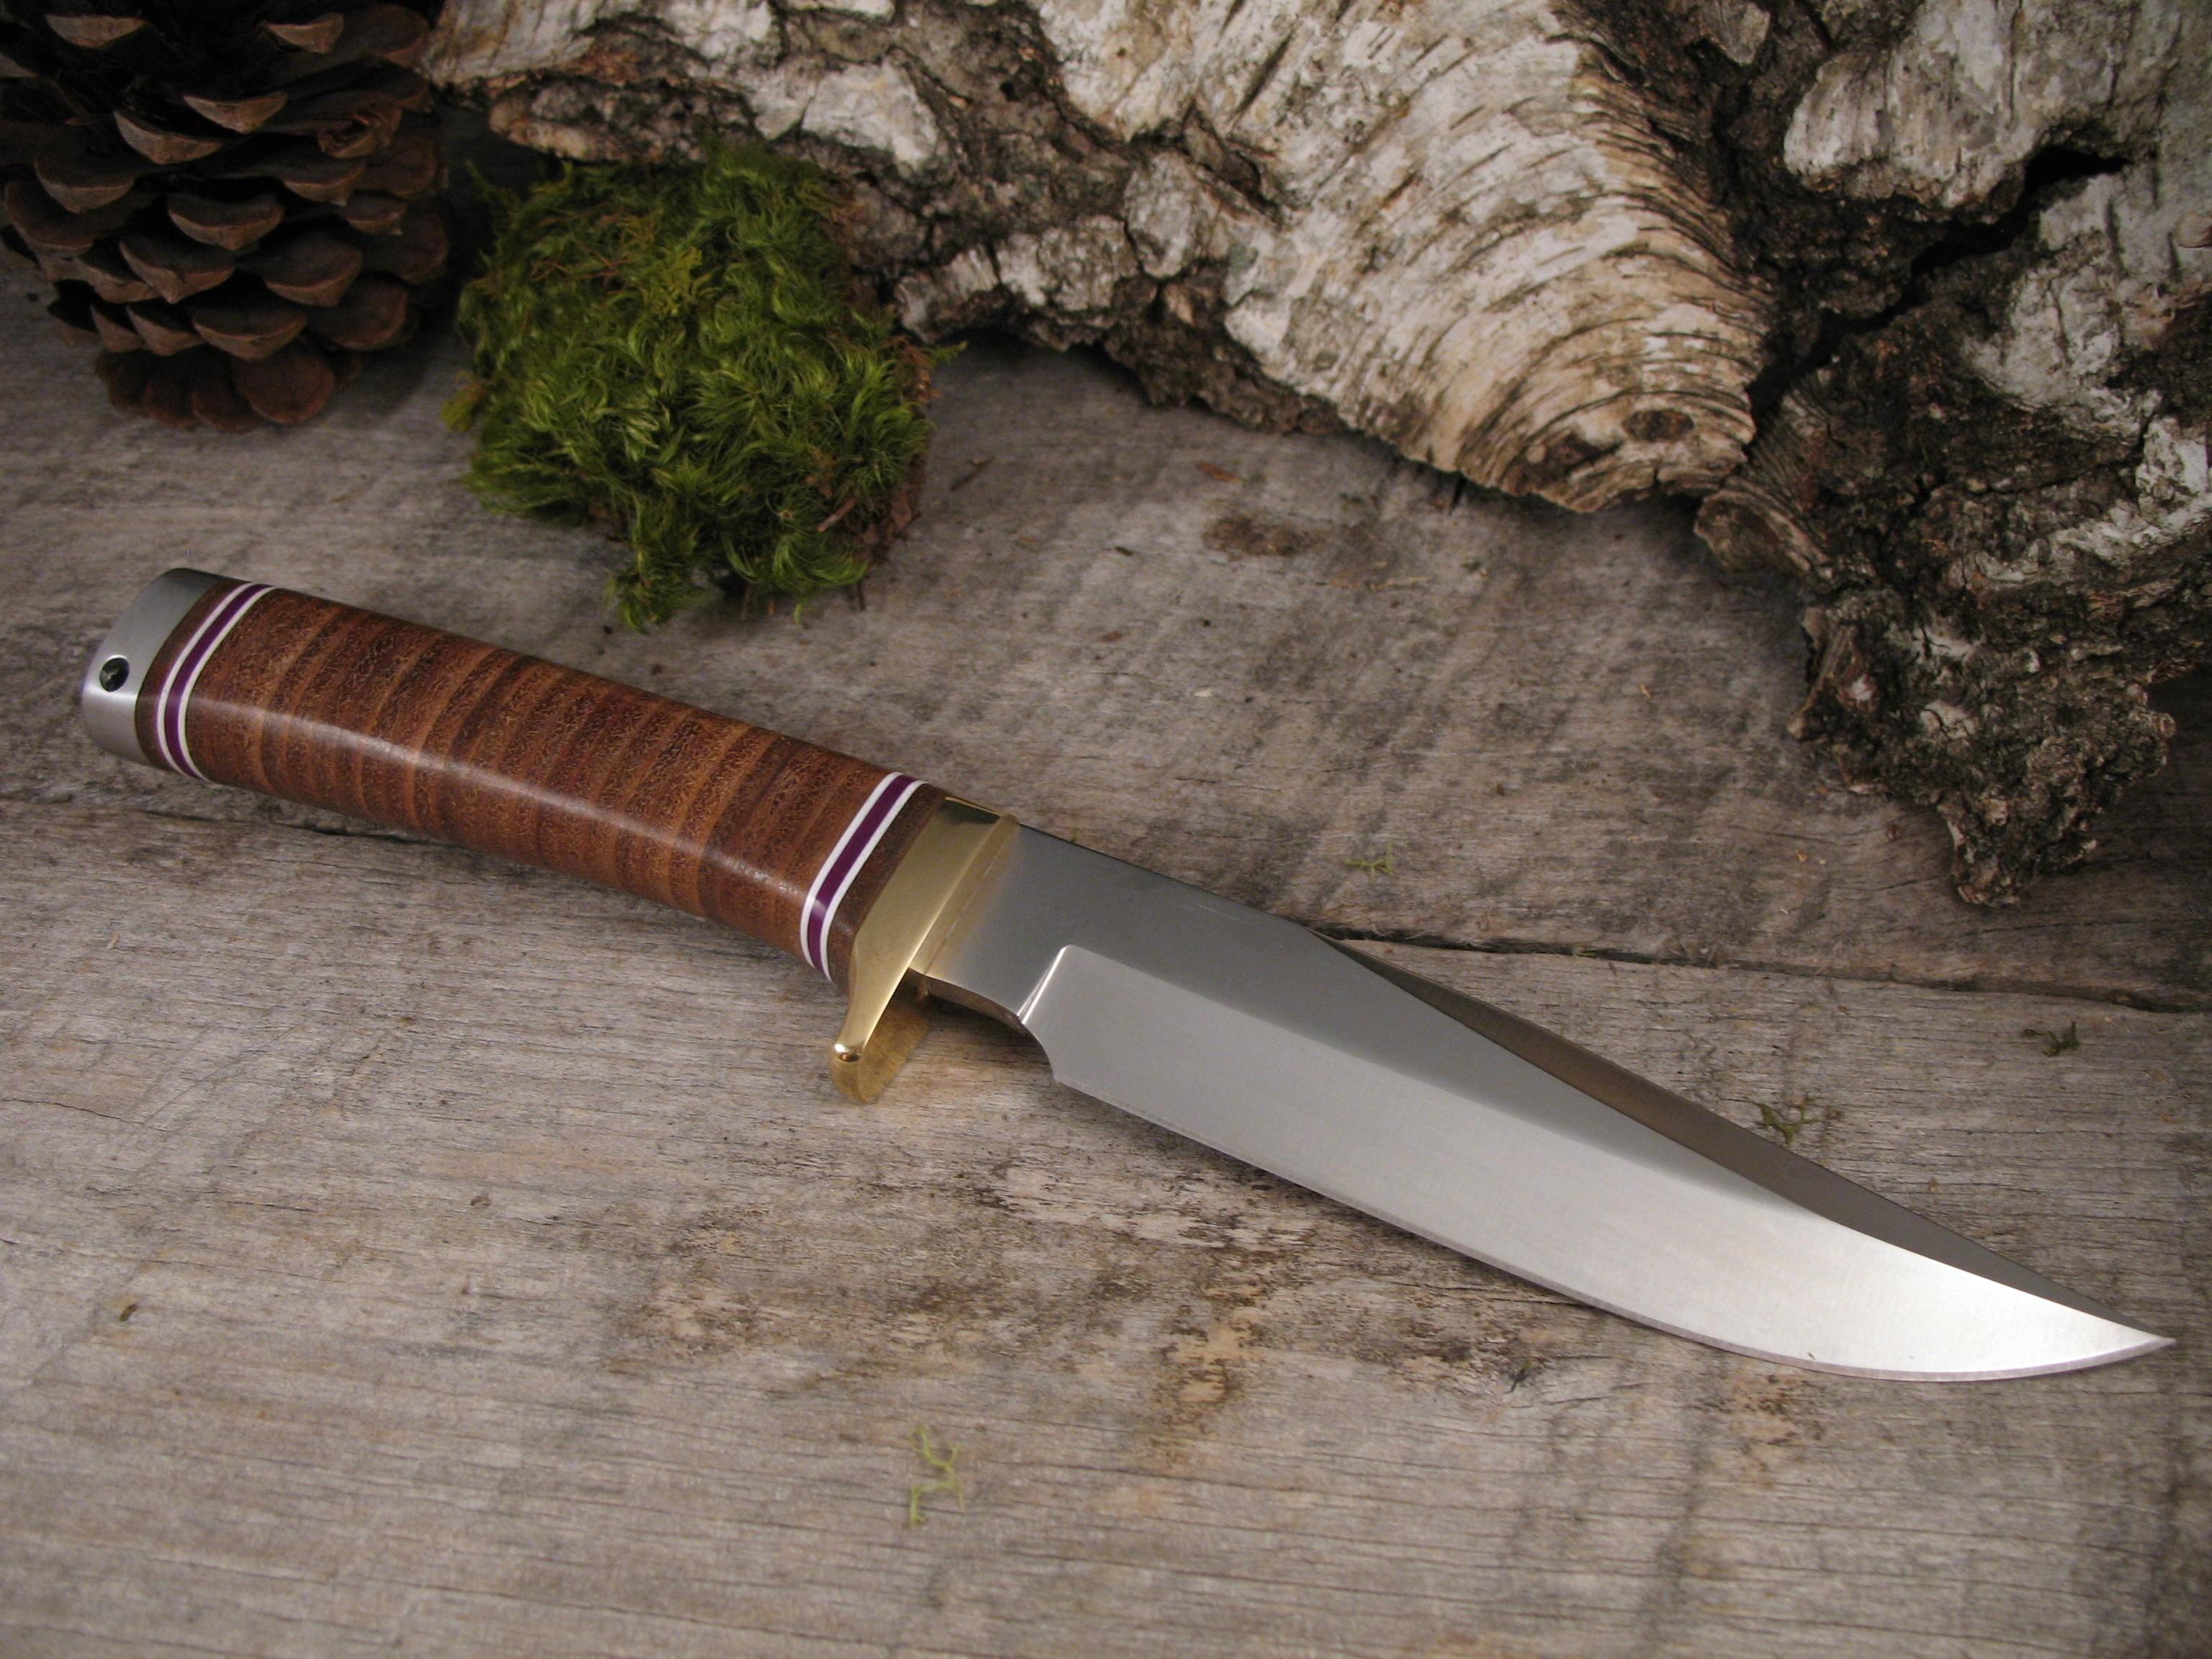 фото ножей с широким клинком тогда пользователи